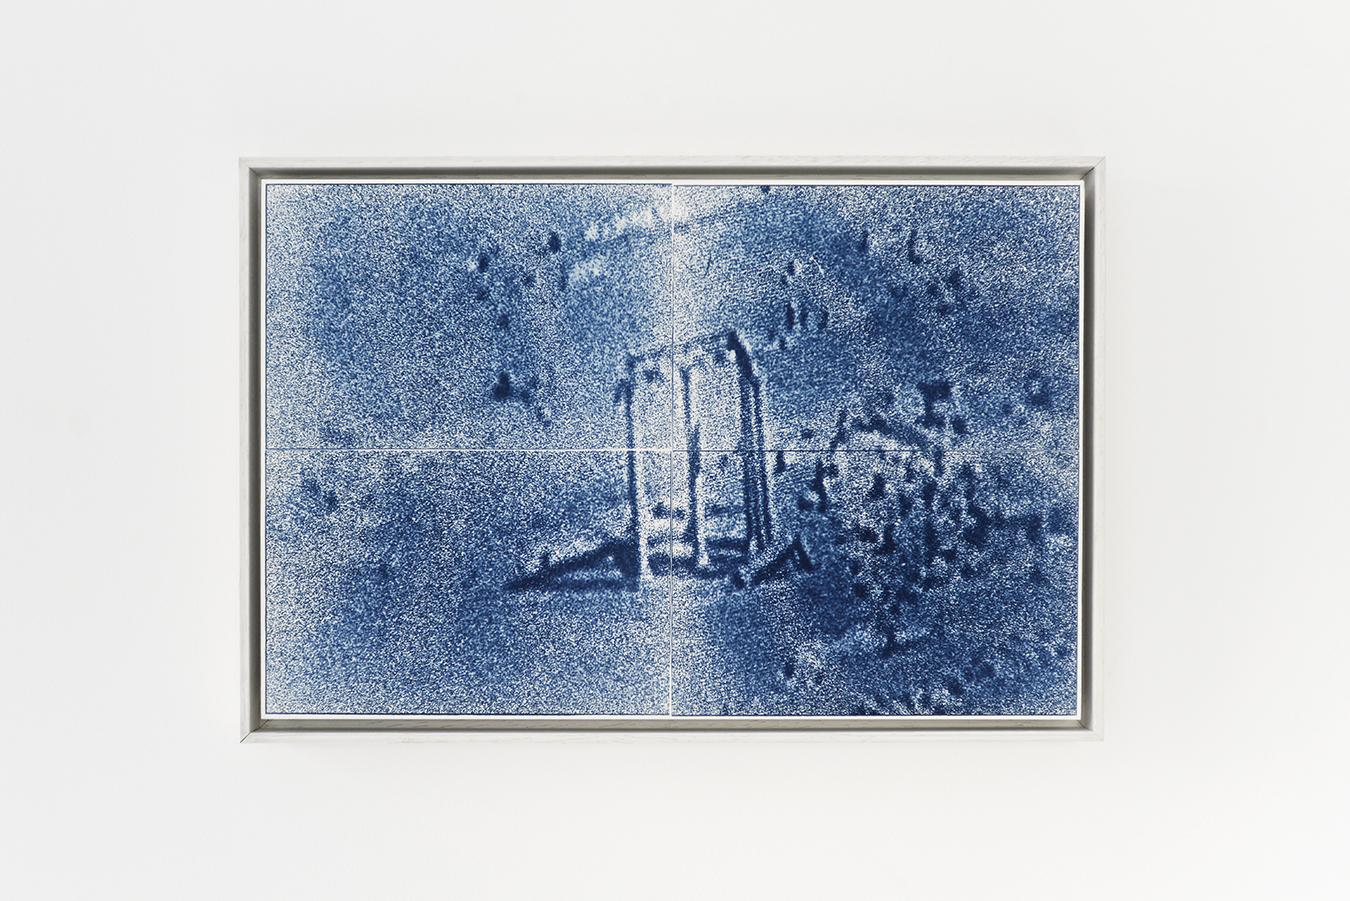 Atlal 2 ⎥cyanotype sur papier Arches⎥Caisse américaine ⎥36 x 55 cm⎥550 €